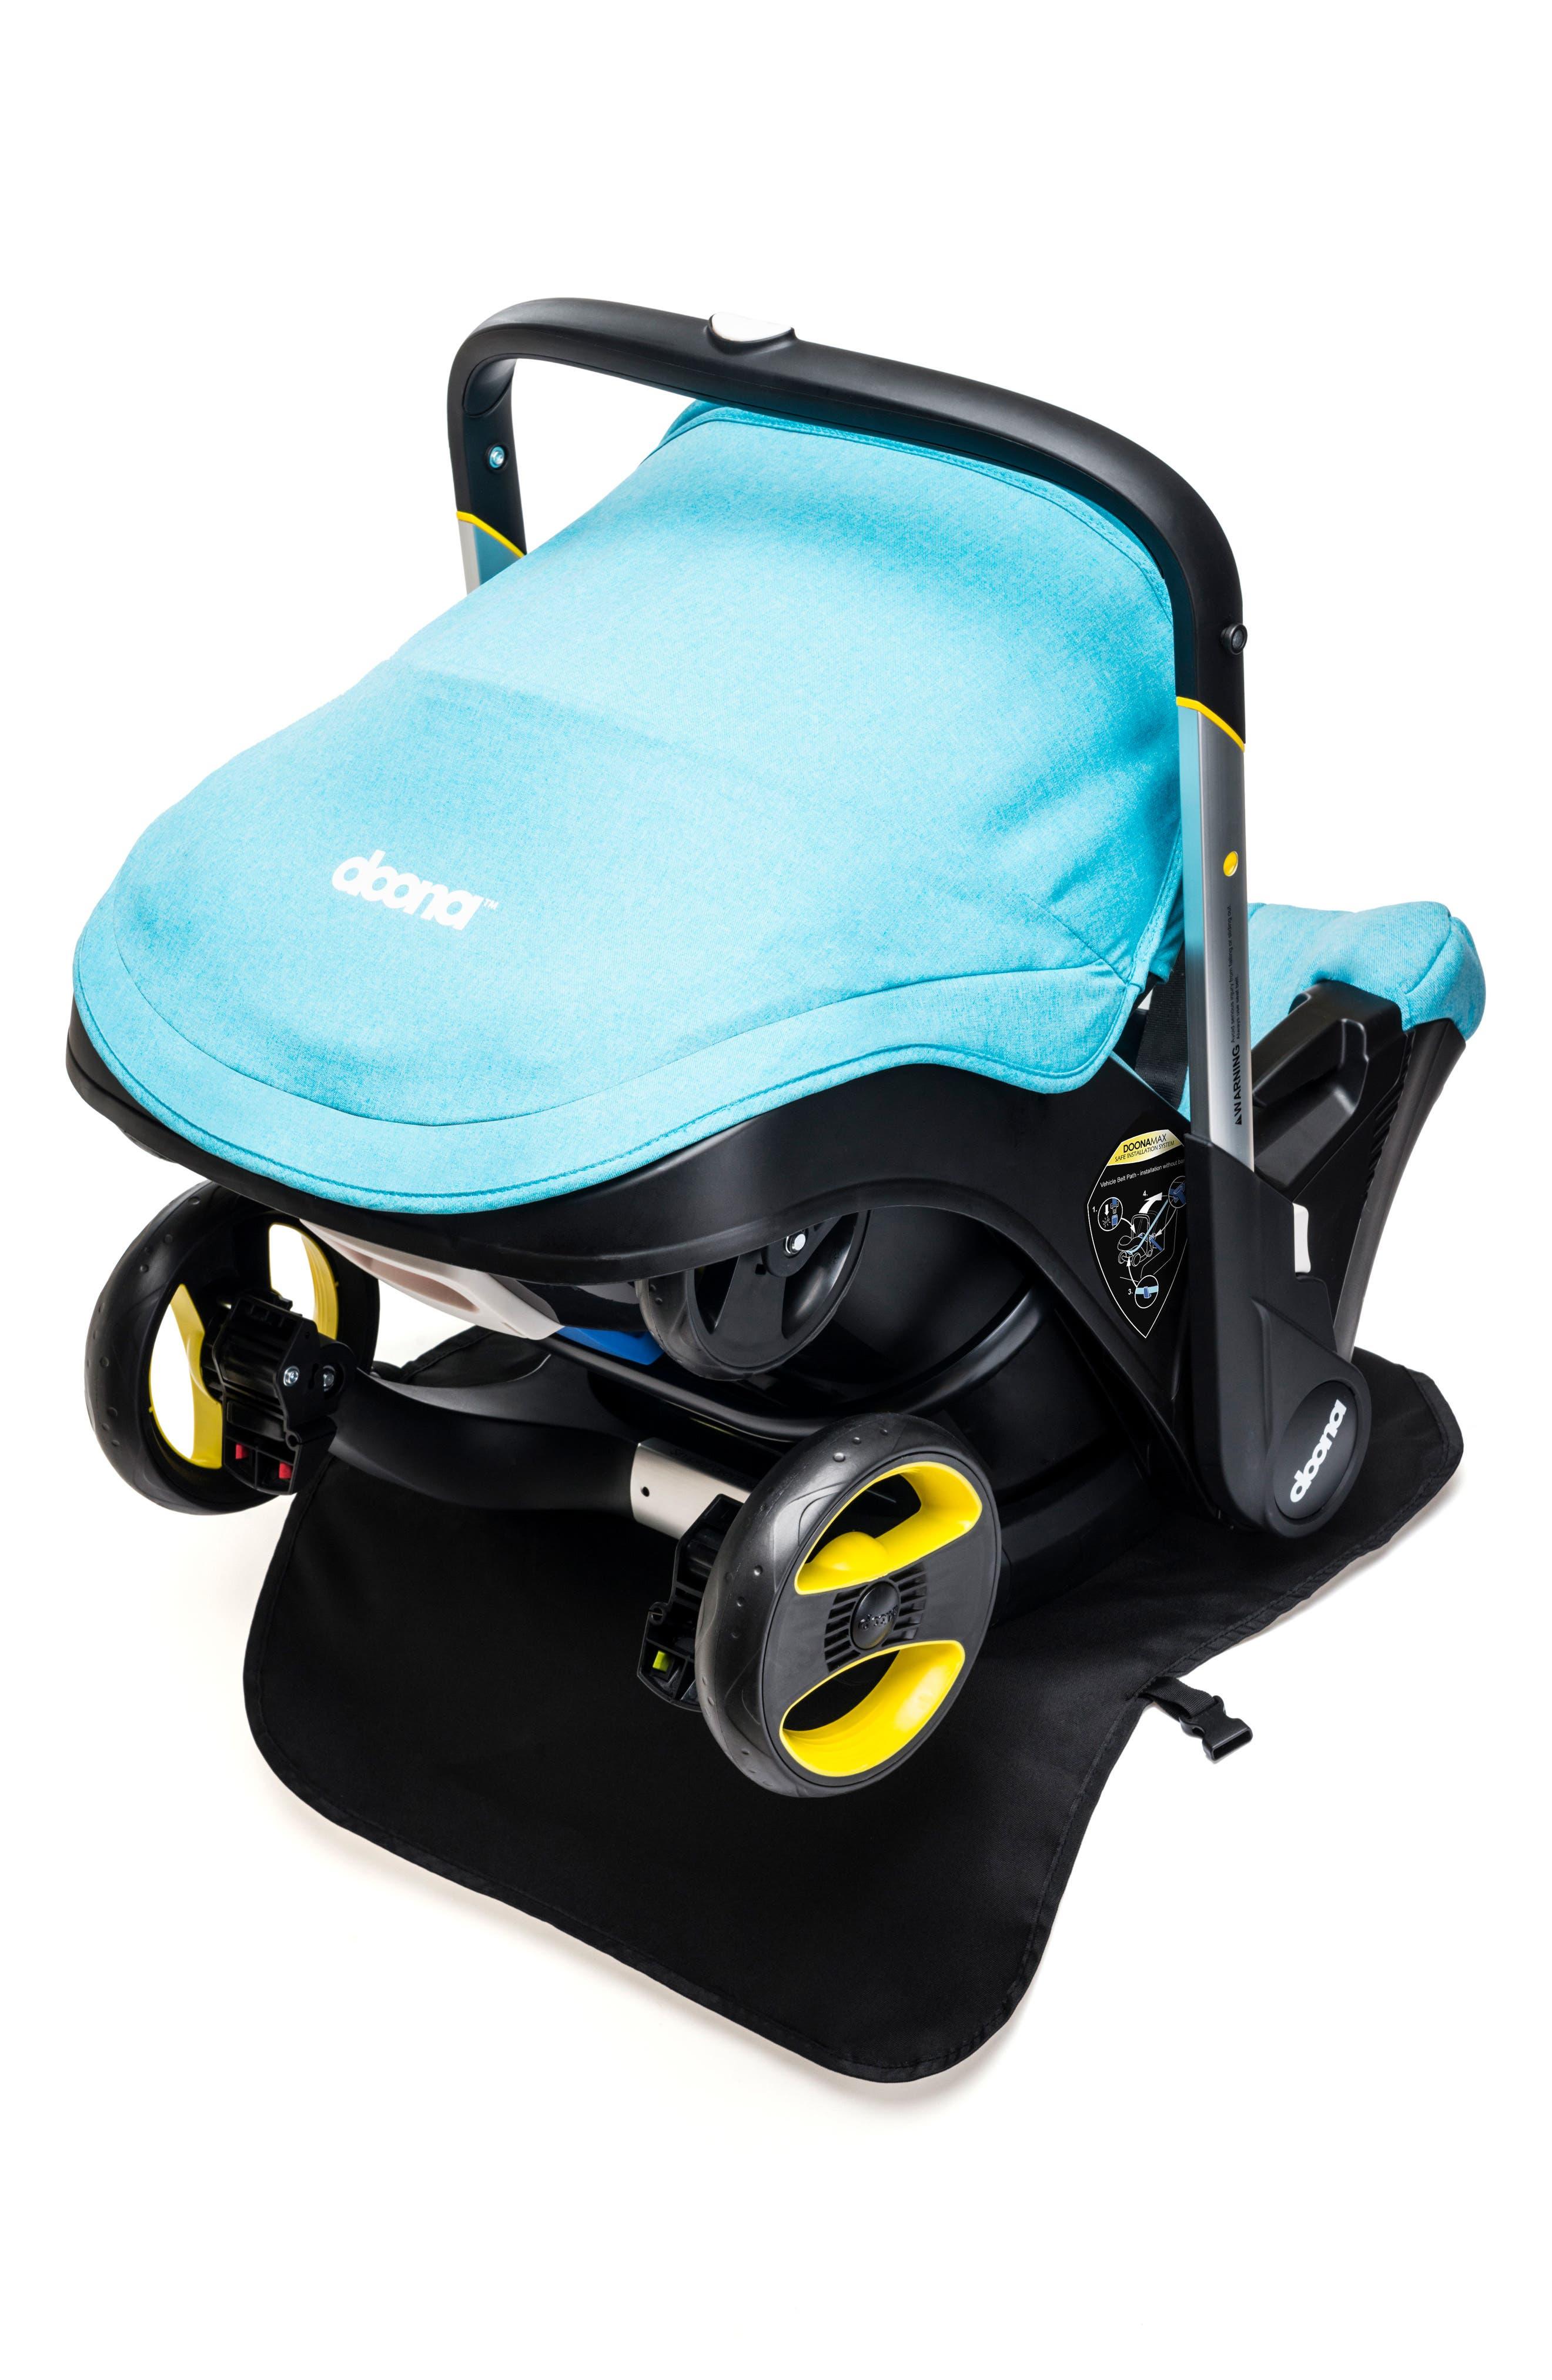 Vehicle Seat Protector,                             Main thumbnail 1, color,                             001